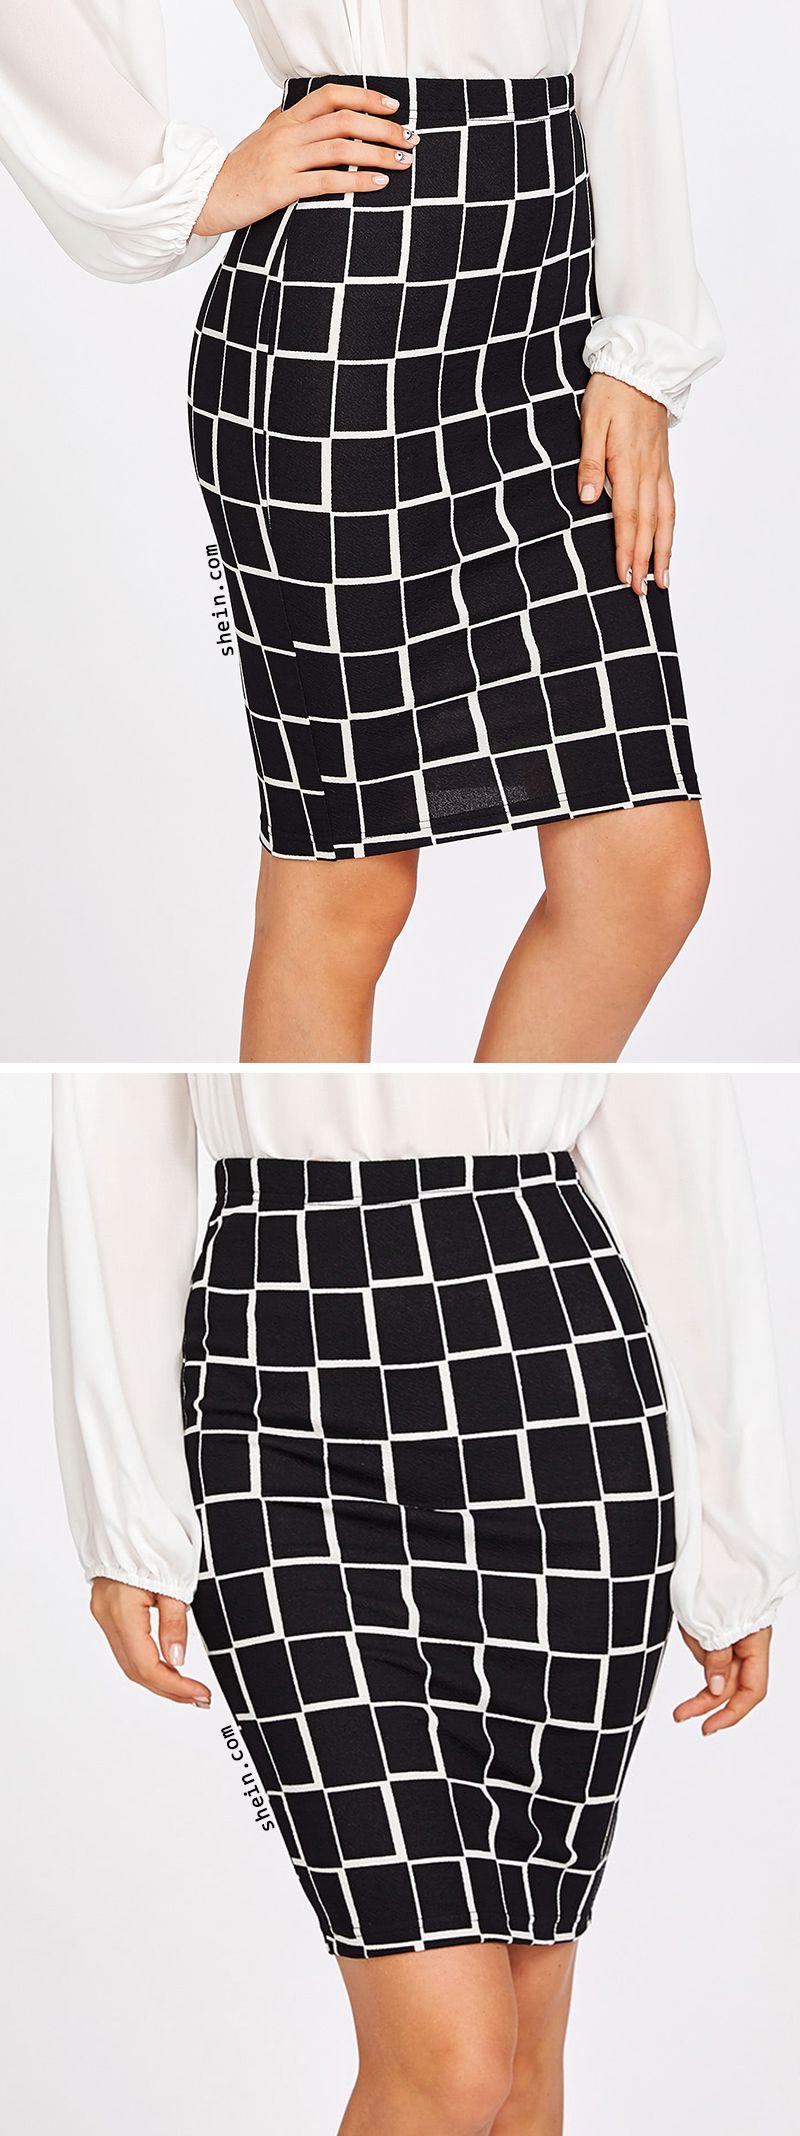 SHEINSquare Print Pencil Skirt